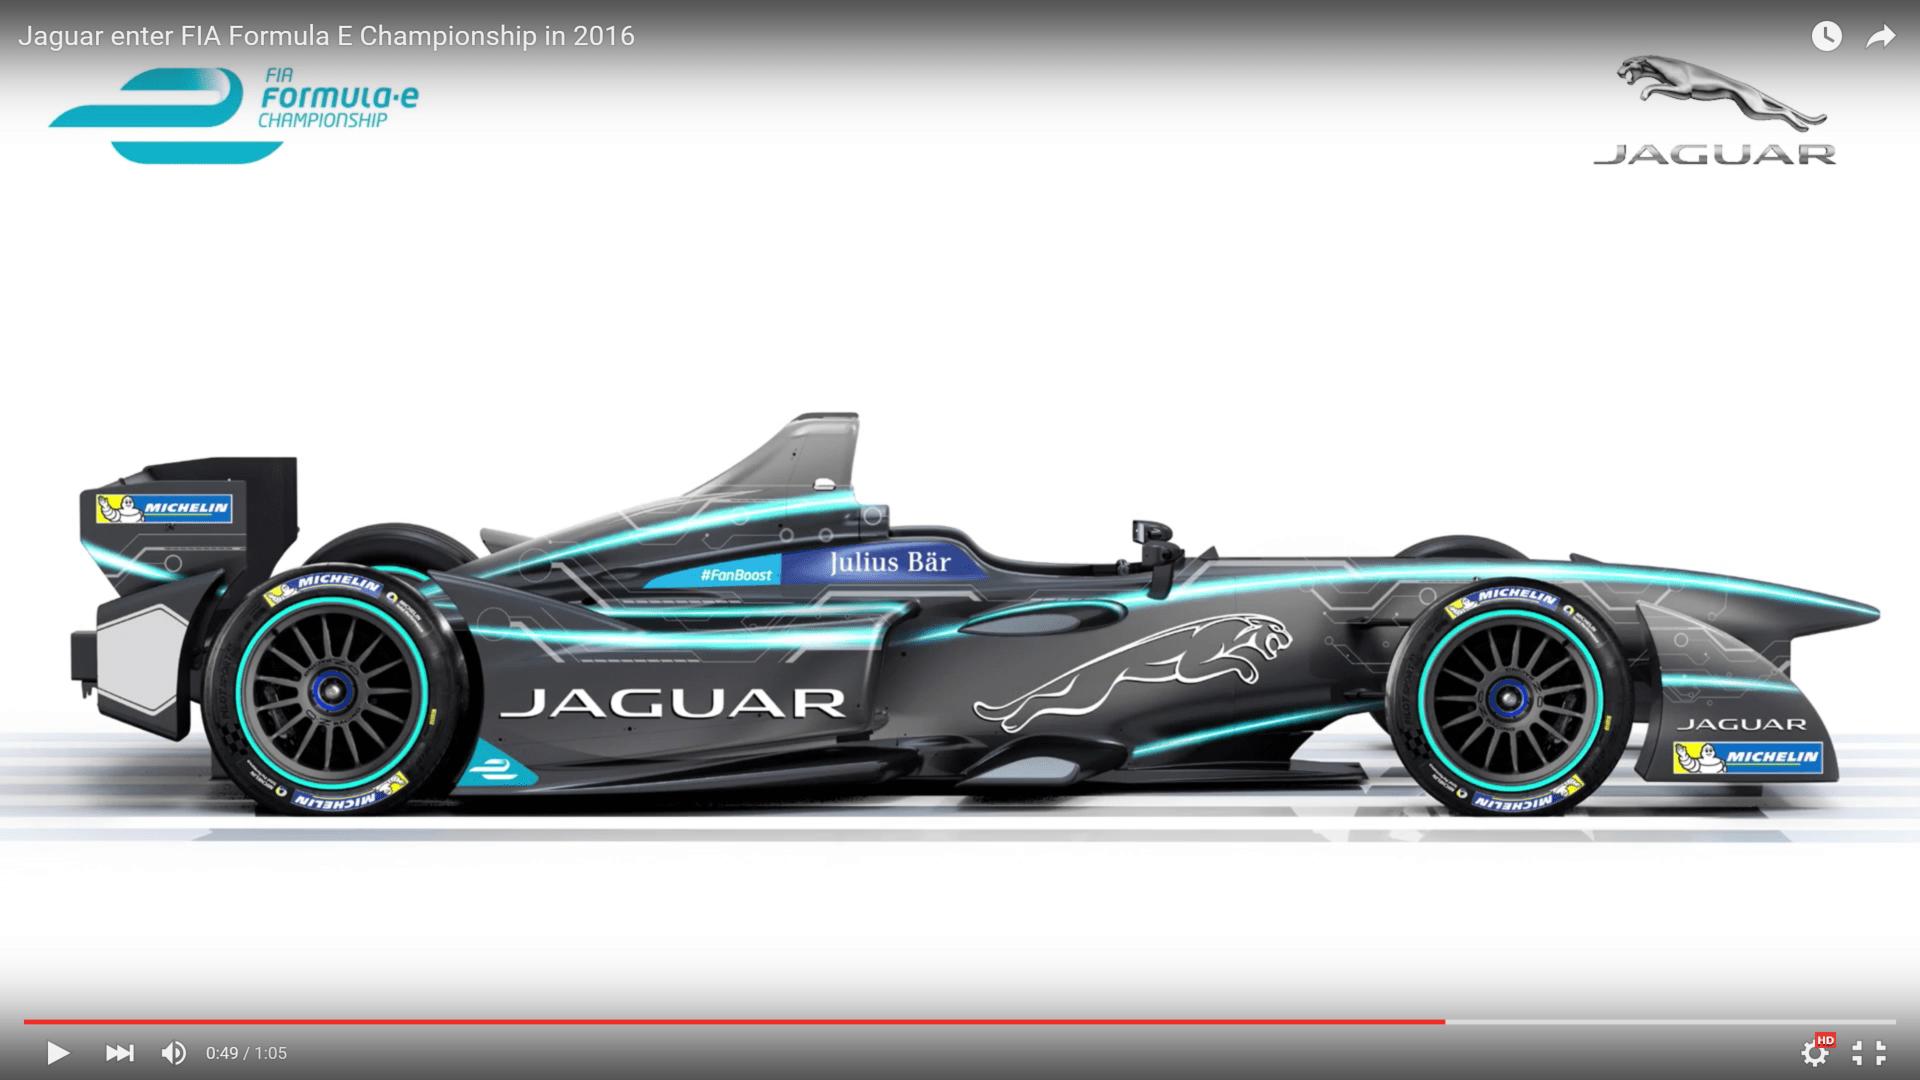 Jaguar Racing Formula E Concept Car.